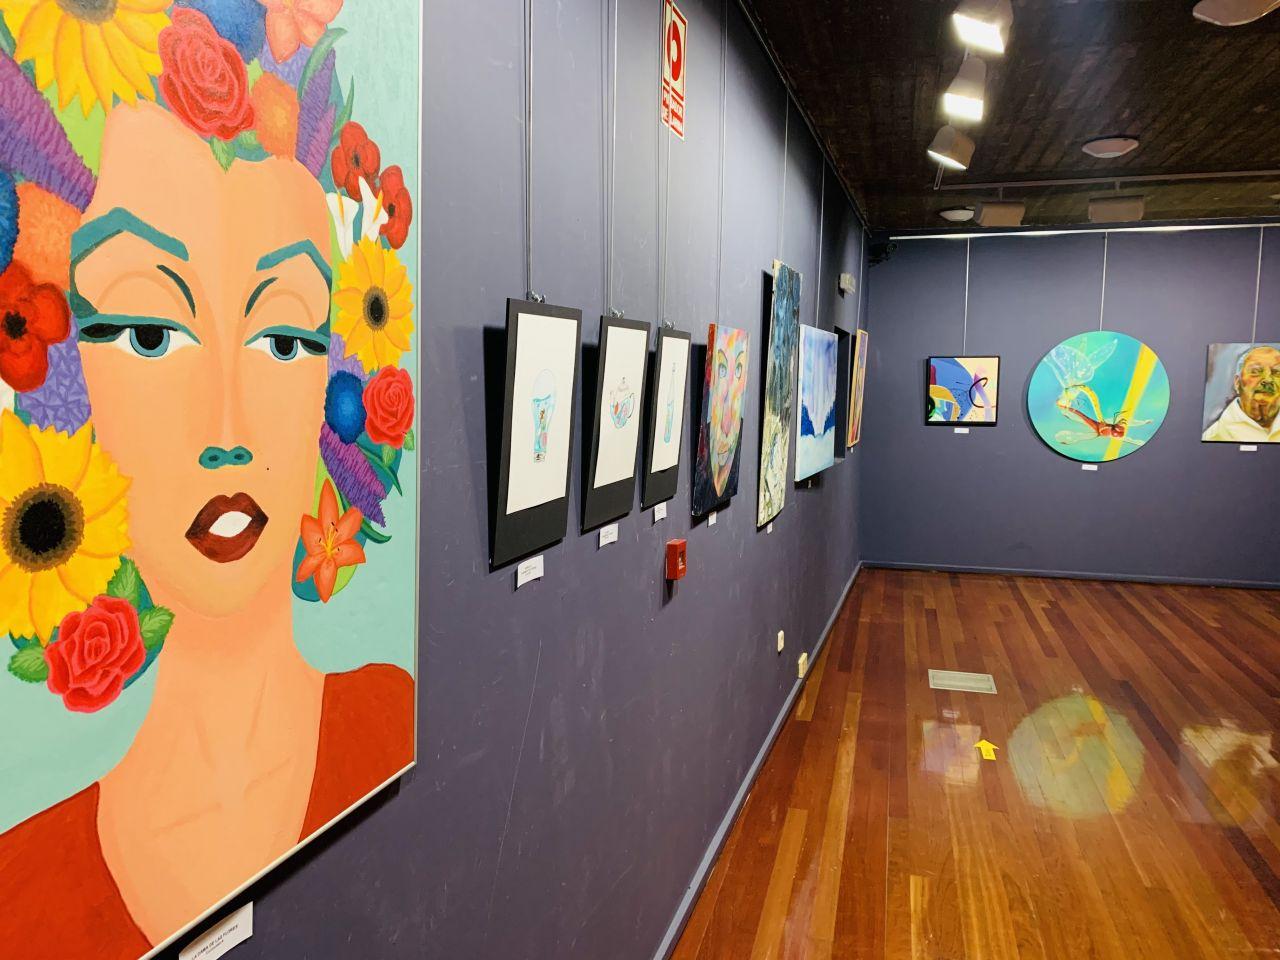 """El Ayuntamiento abre al público la exposición de artes plásticas en la sala Z de la Audiencia con """"diversidad de géneros y gran calidad"""""""